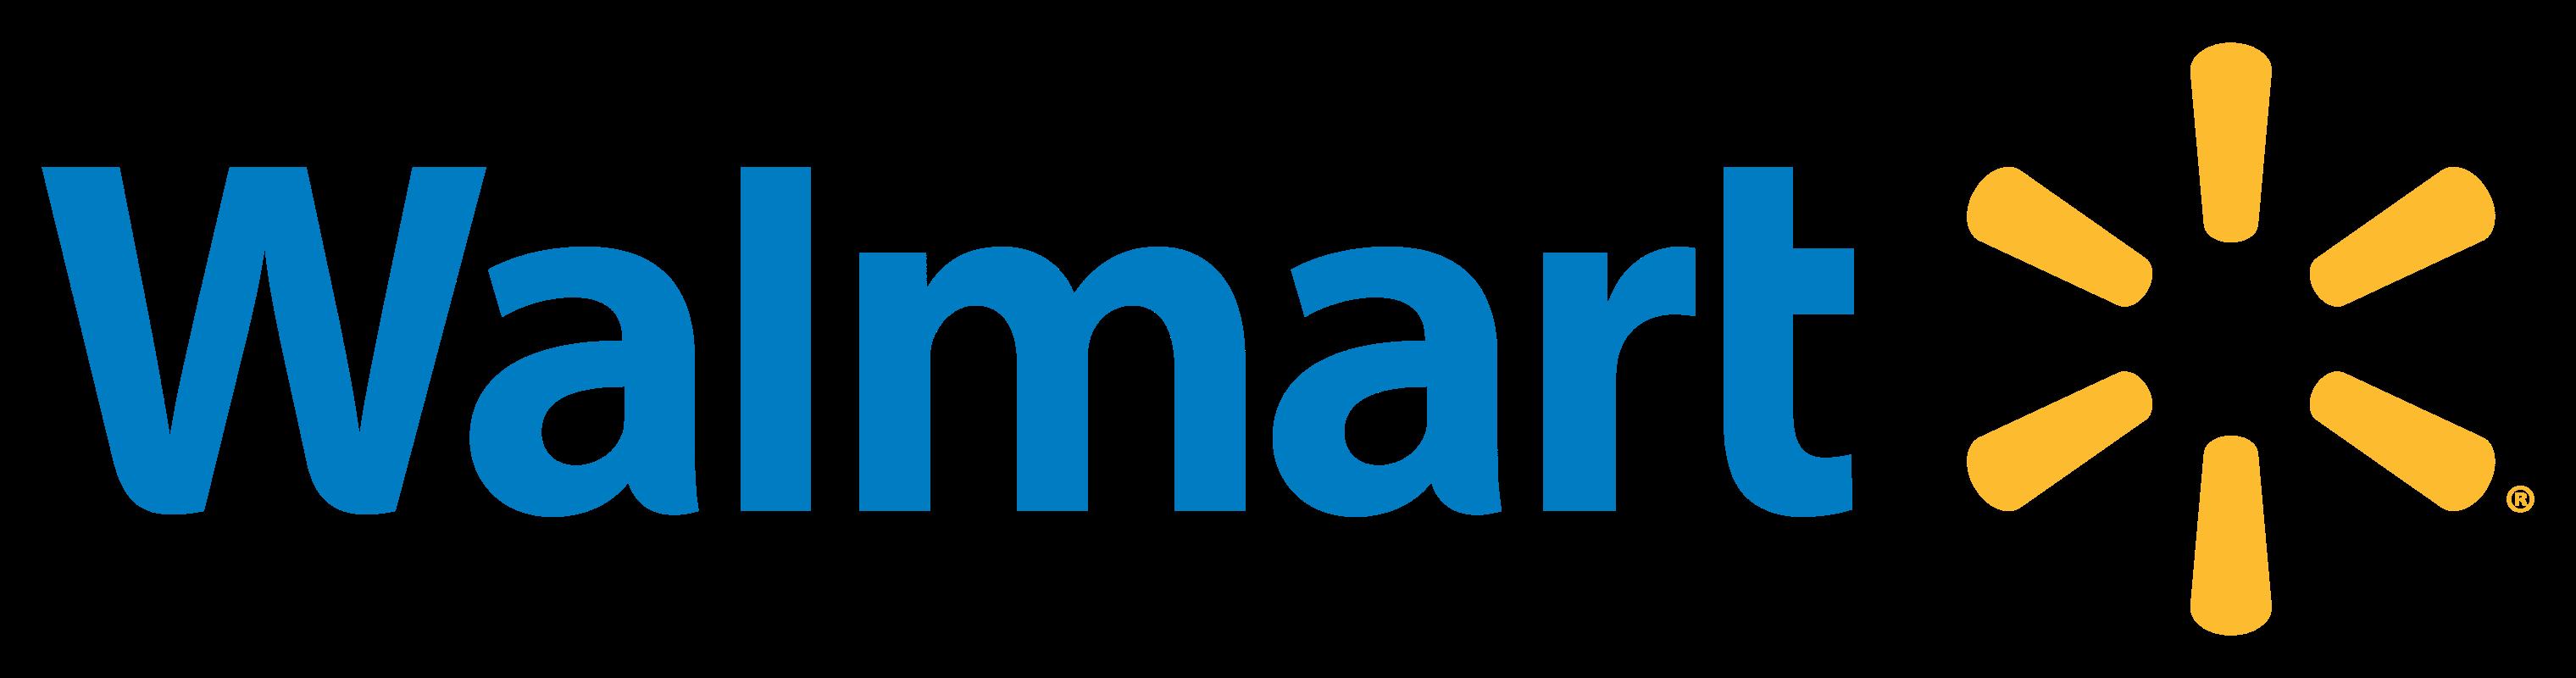 Walmart Global Tech India